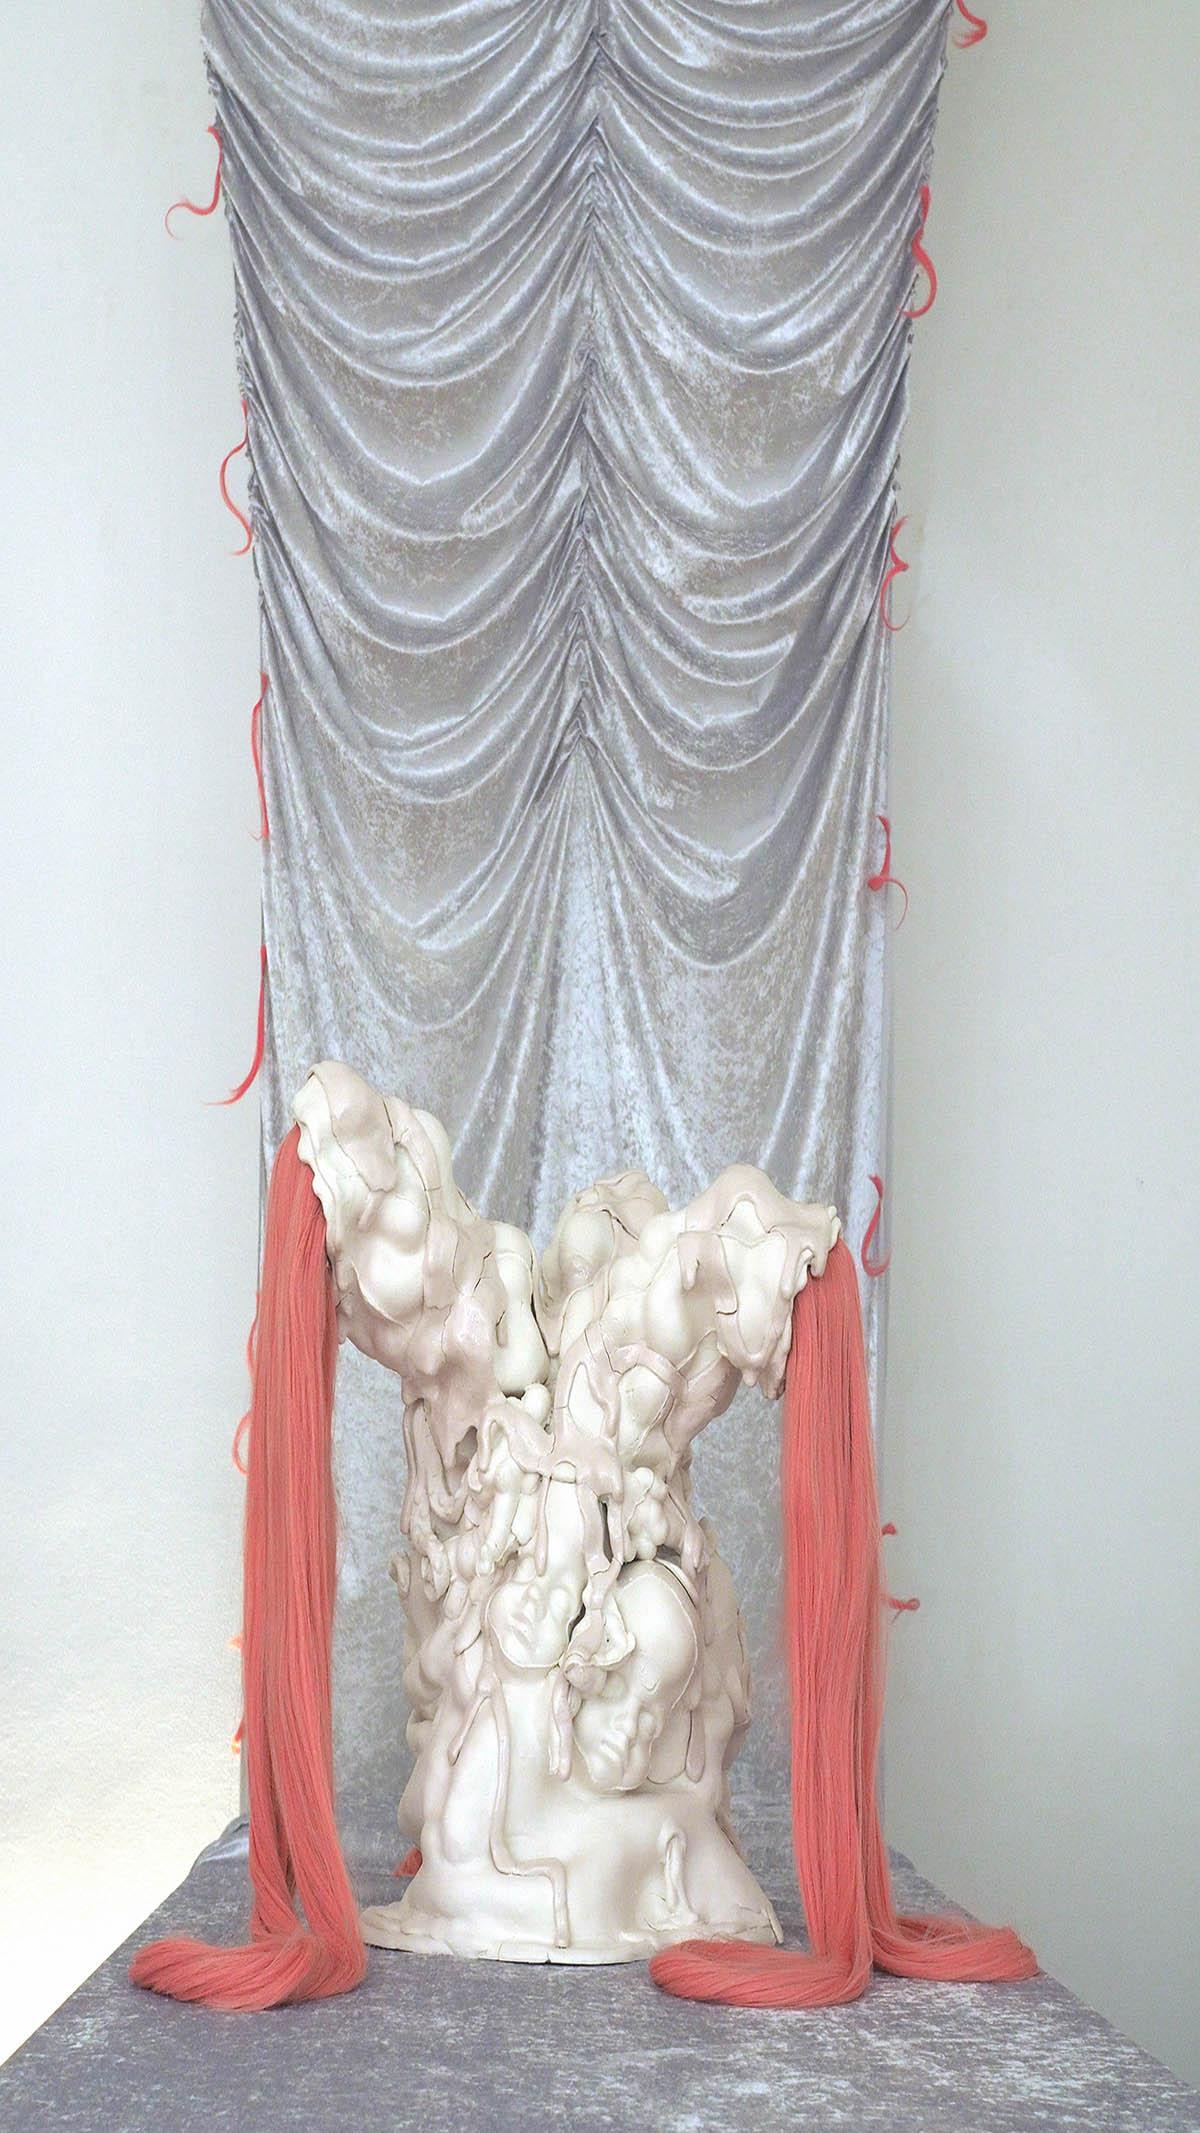 Julia Belova Najadenbrunnen 2021 Porzellan, künstliche Haare 70 x 55 x 55 cm € 12.000 .-